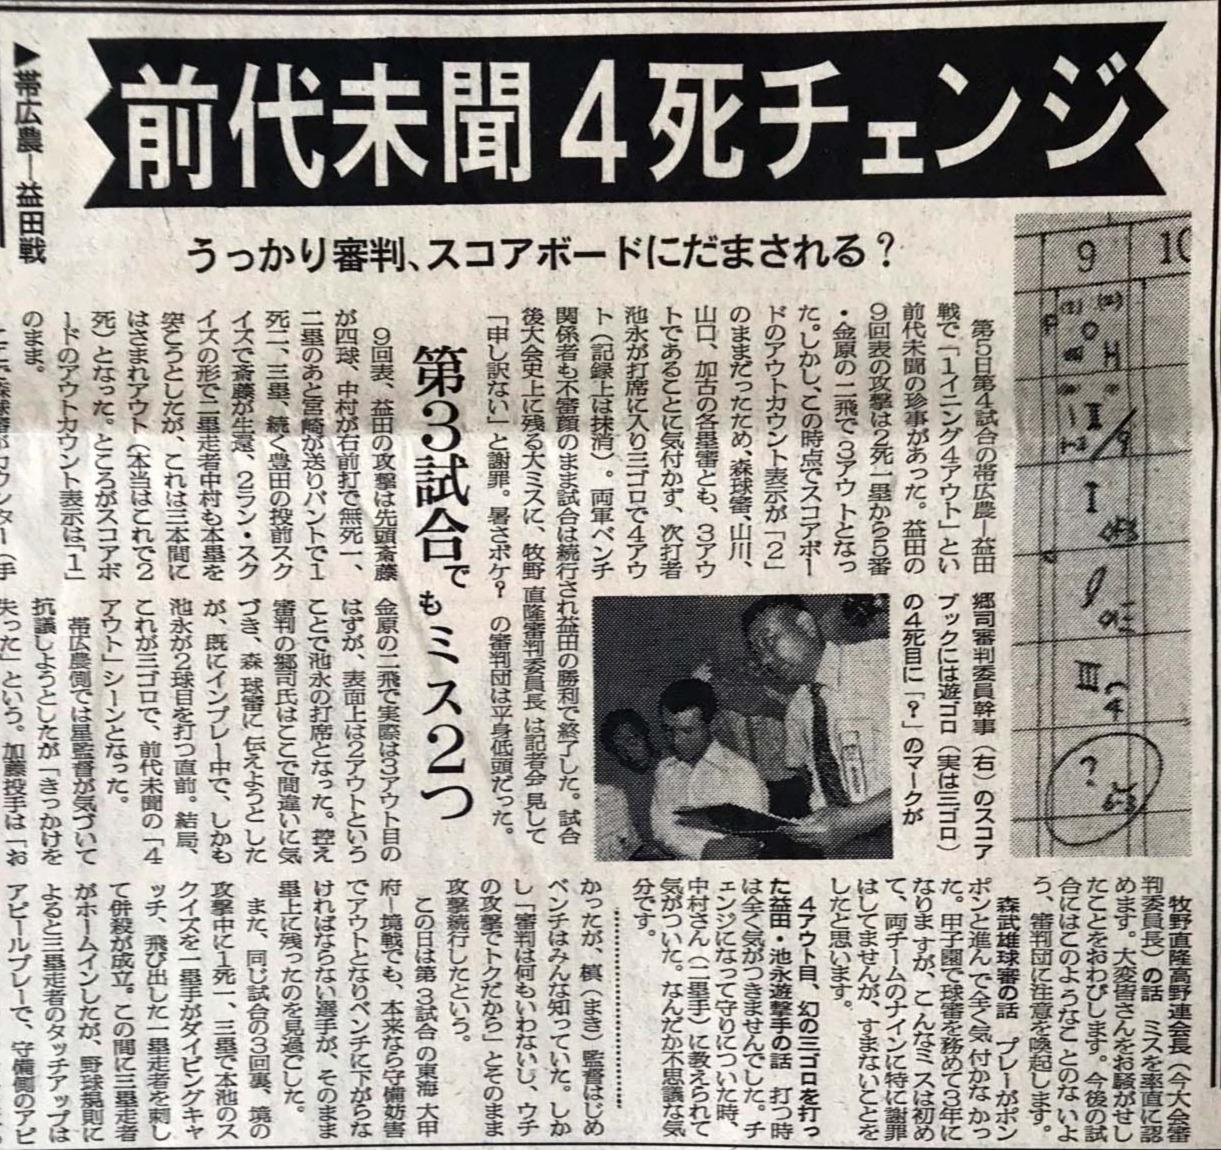 82年夏の甲子園での4アウトを報じる8月12日付日刊スポーツ。右端には審判委員のスコアブック写真が掲載されている